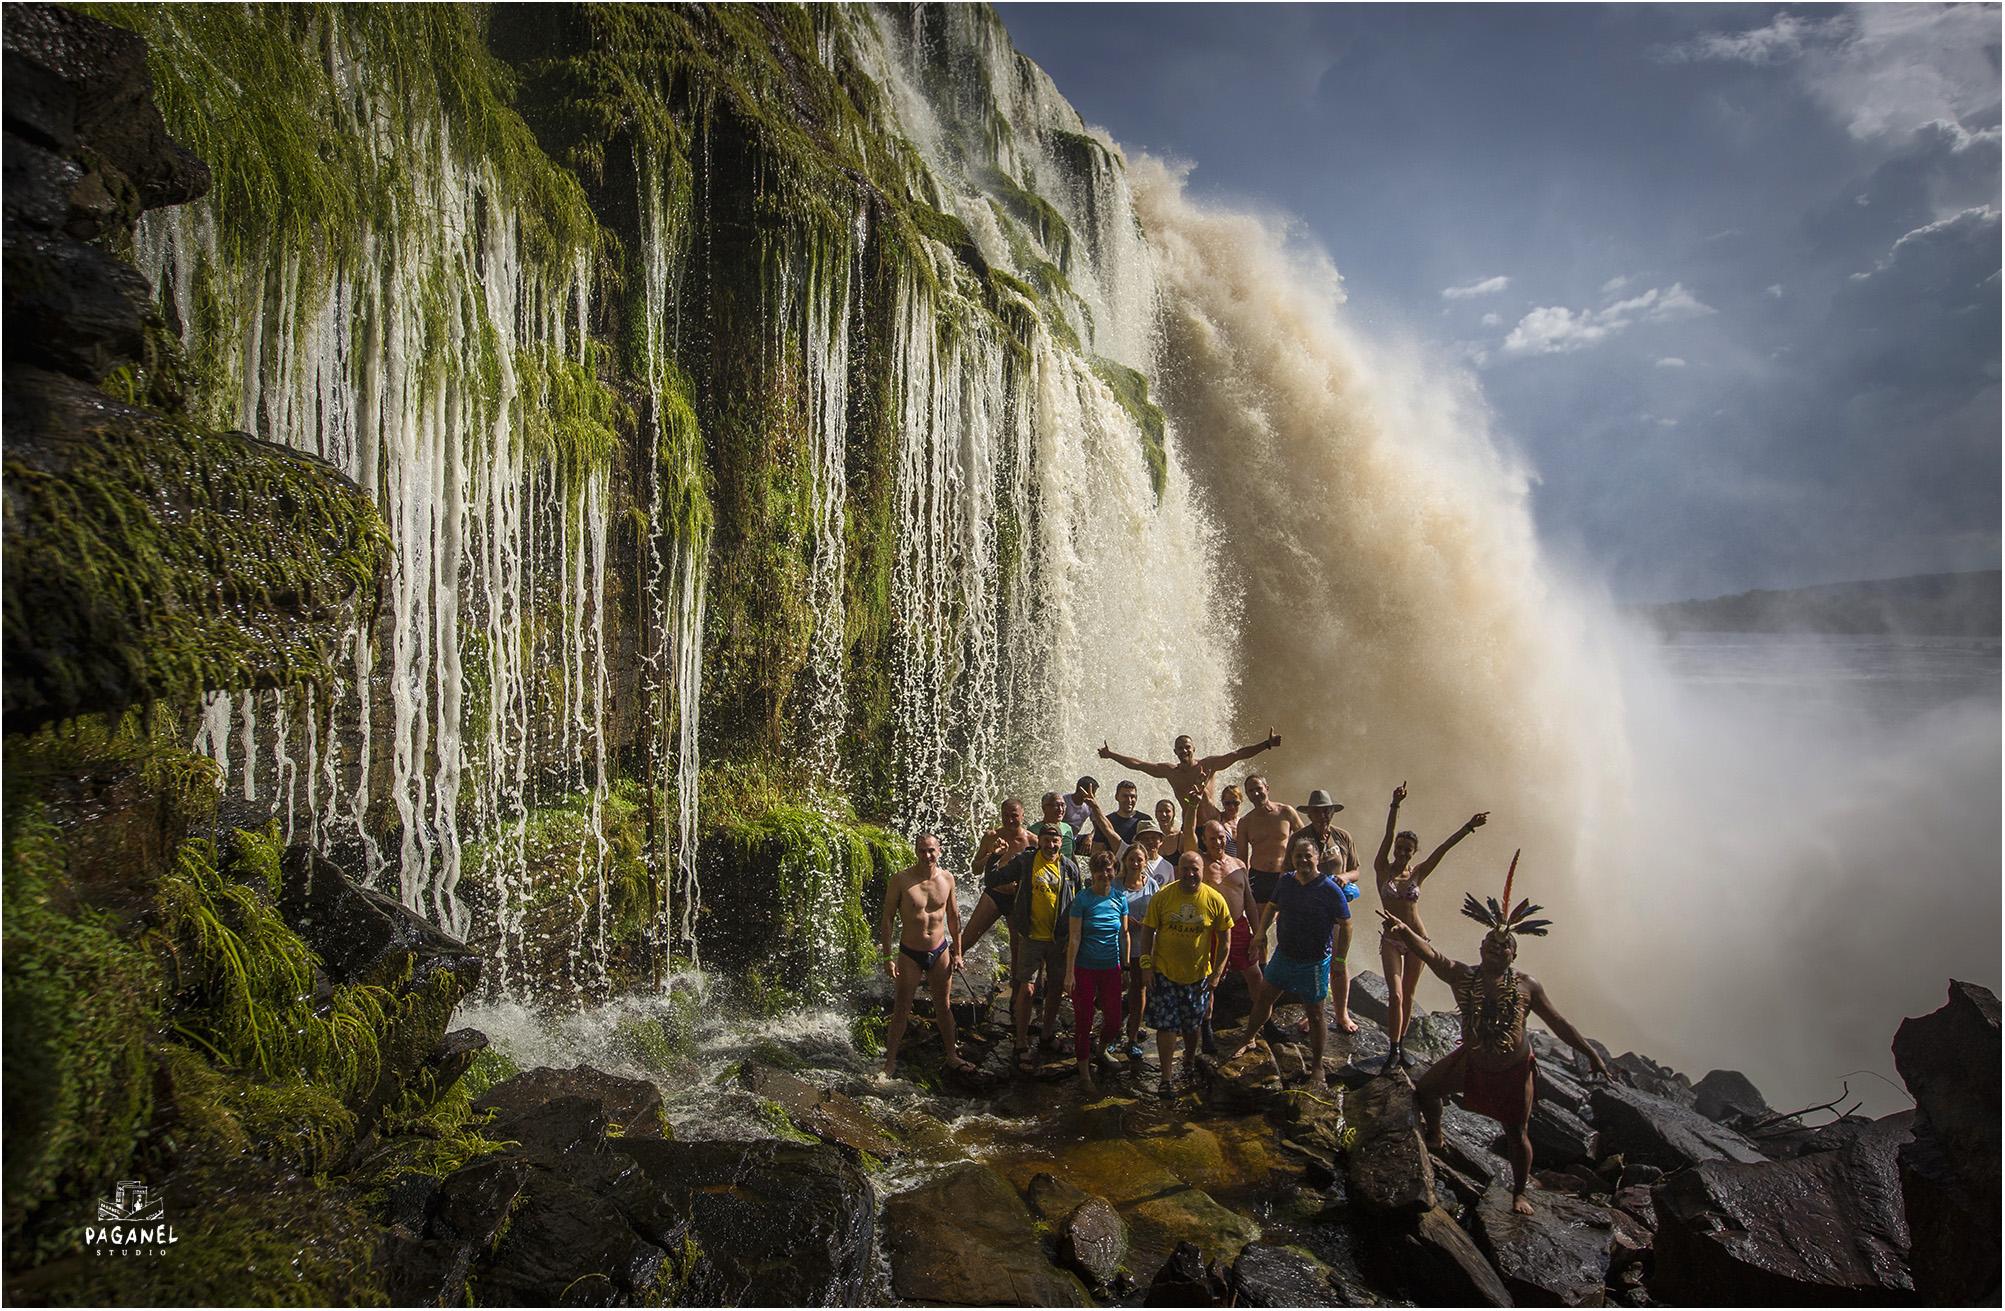 В каждой экспедиции должна быть своя цель – восхождение на какую-то вершину, поездка к шаманам и прочее